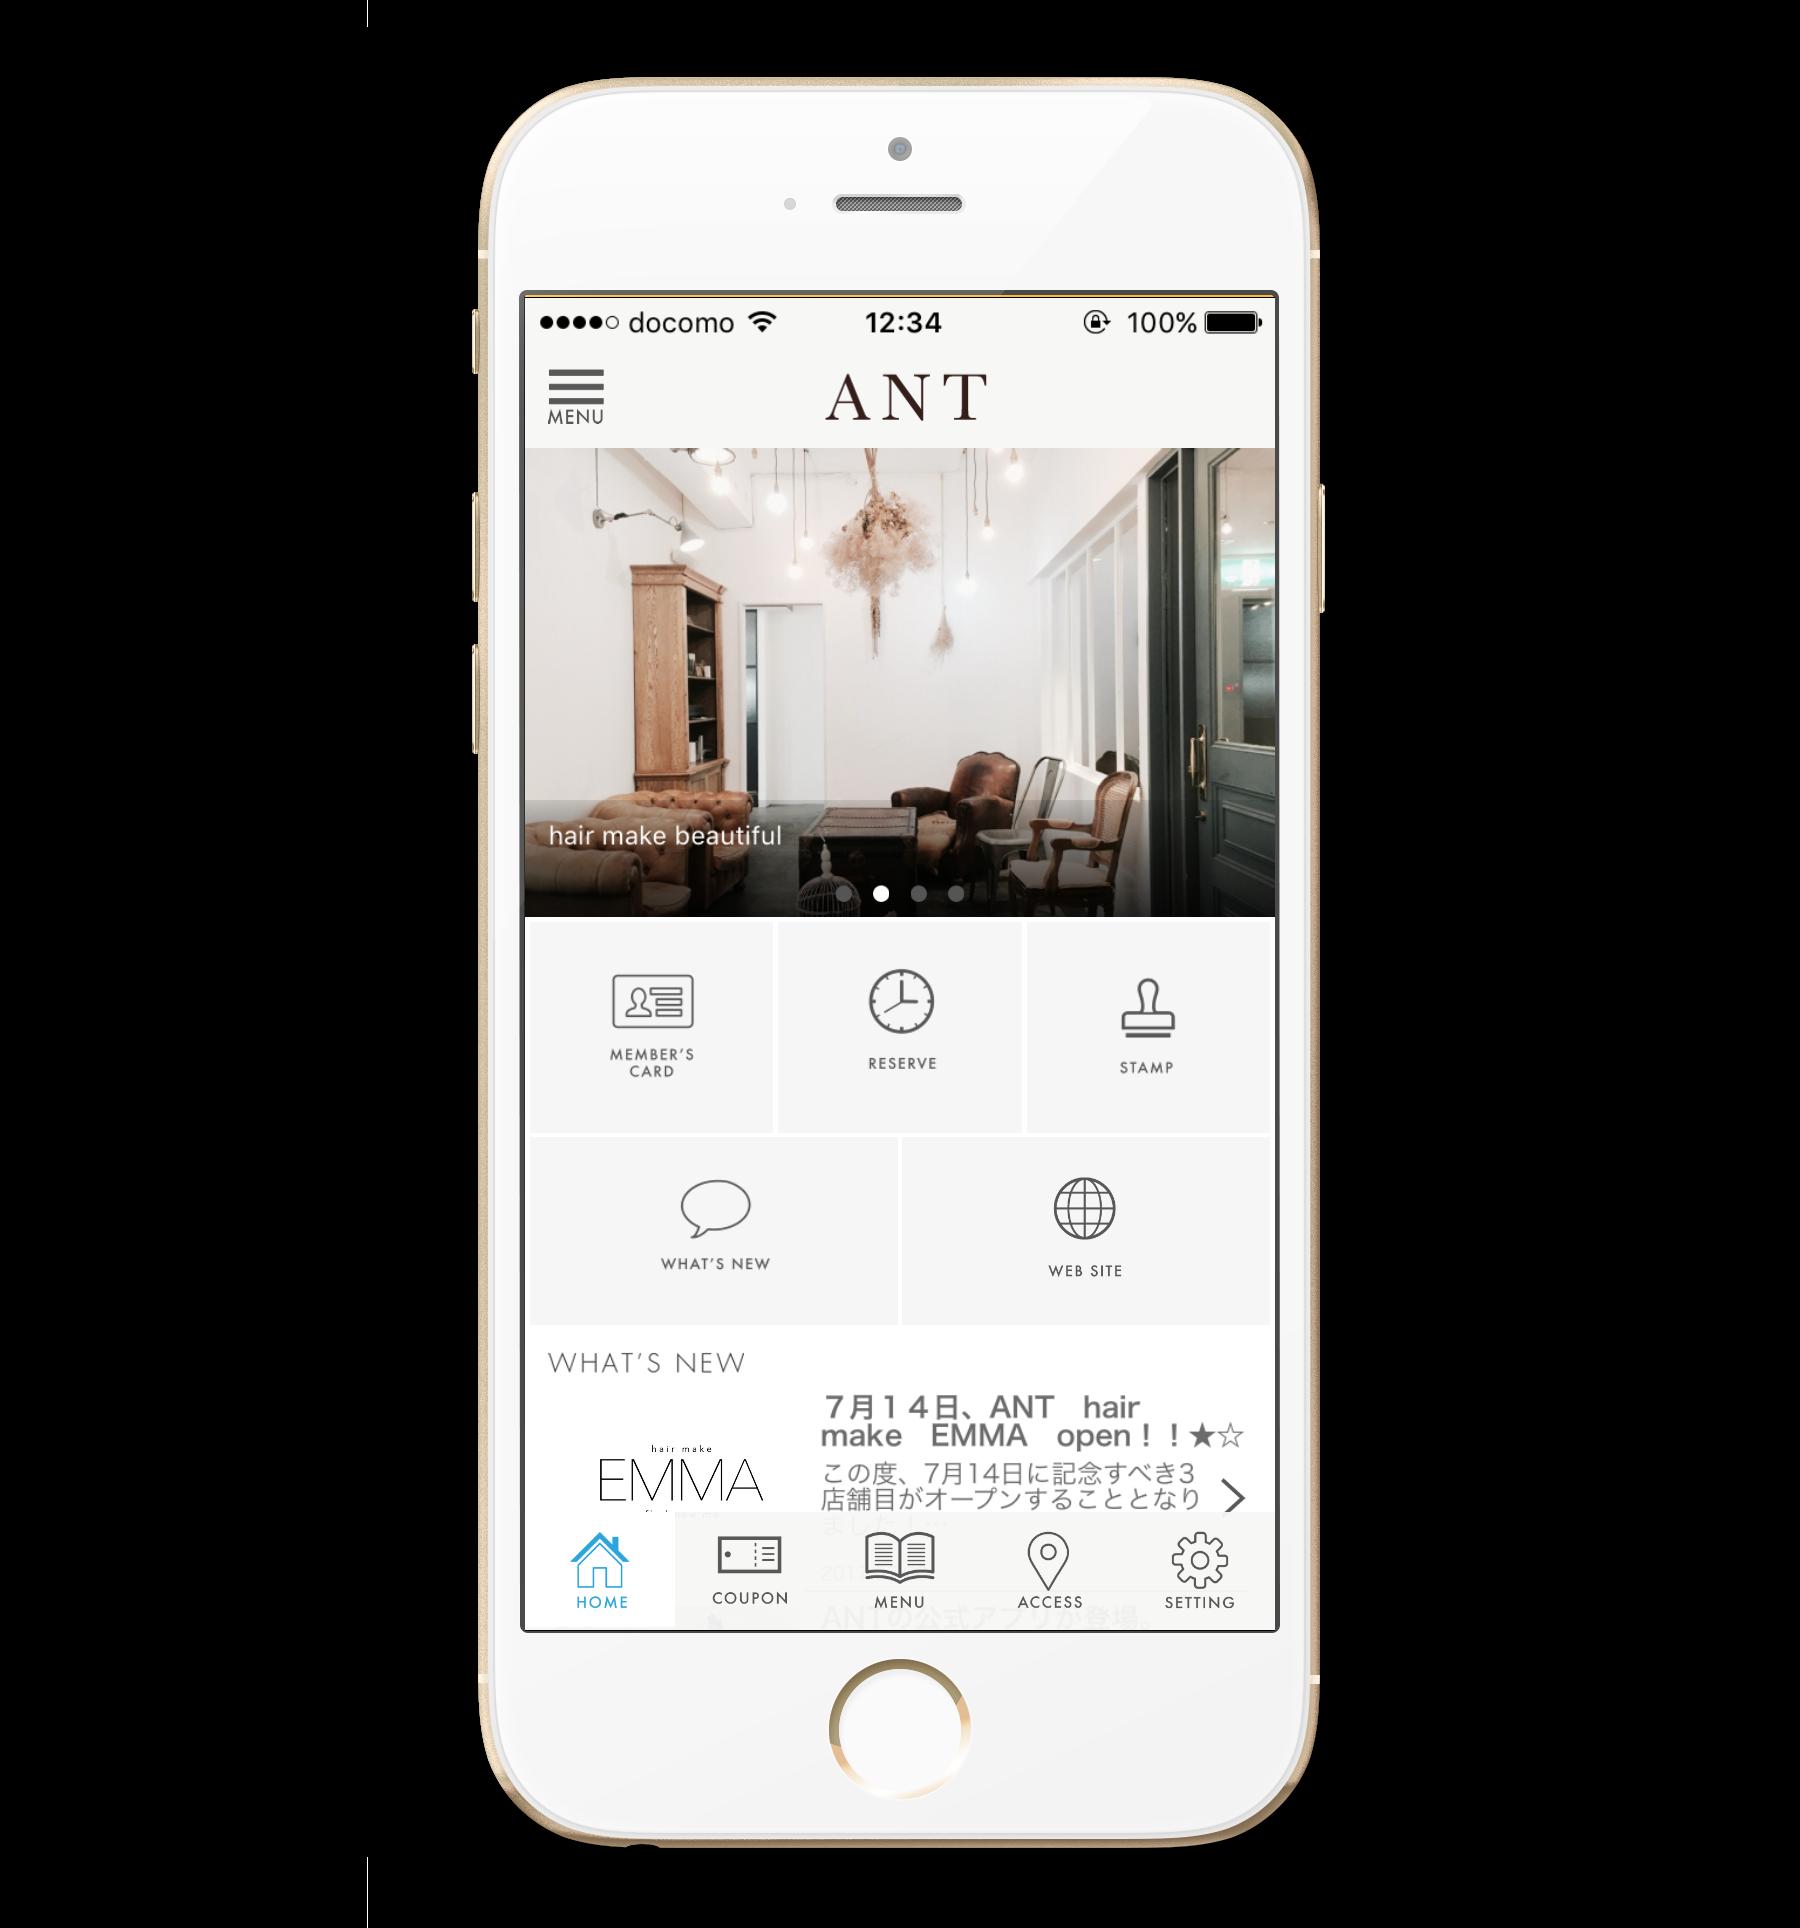 鹿児島天文館の美容室スマホアプリ